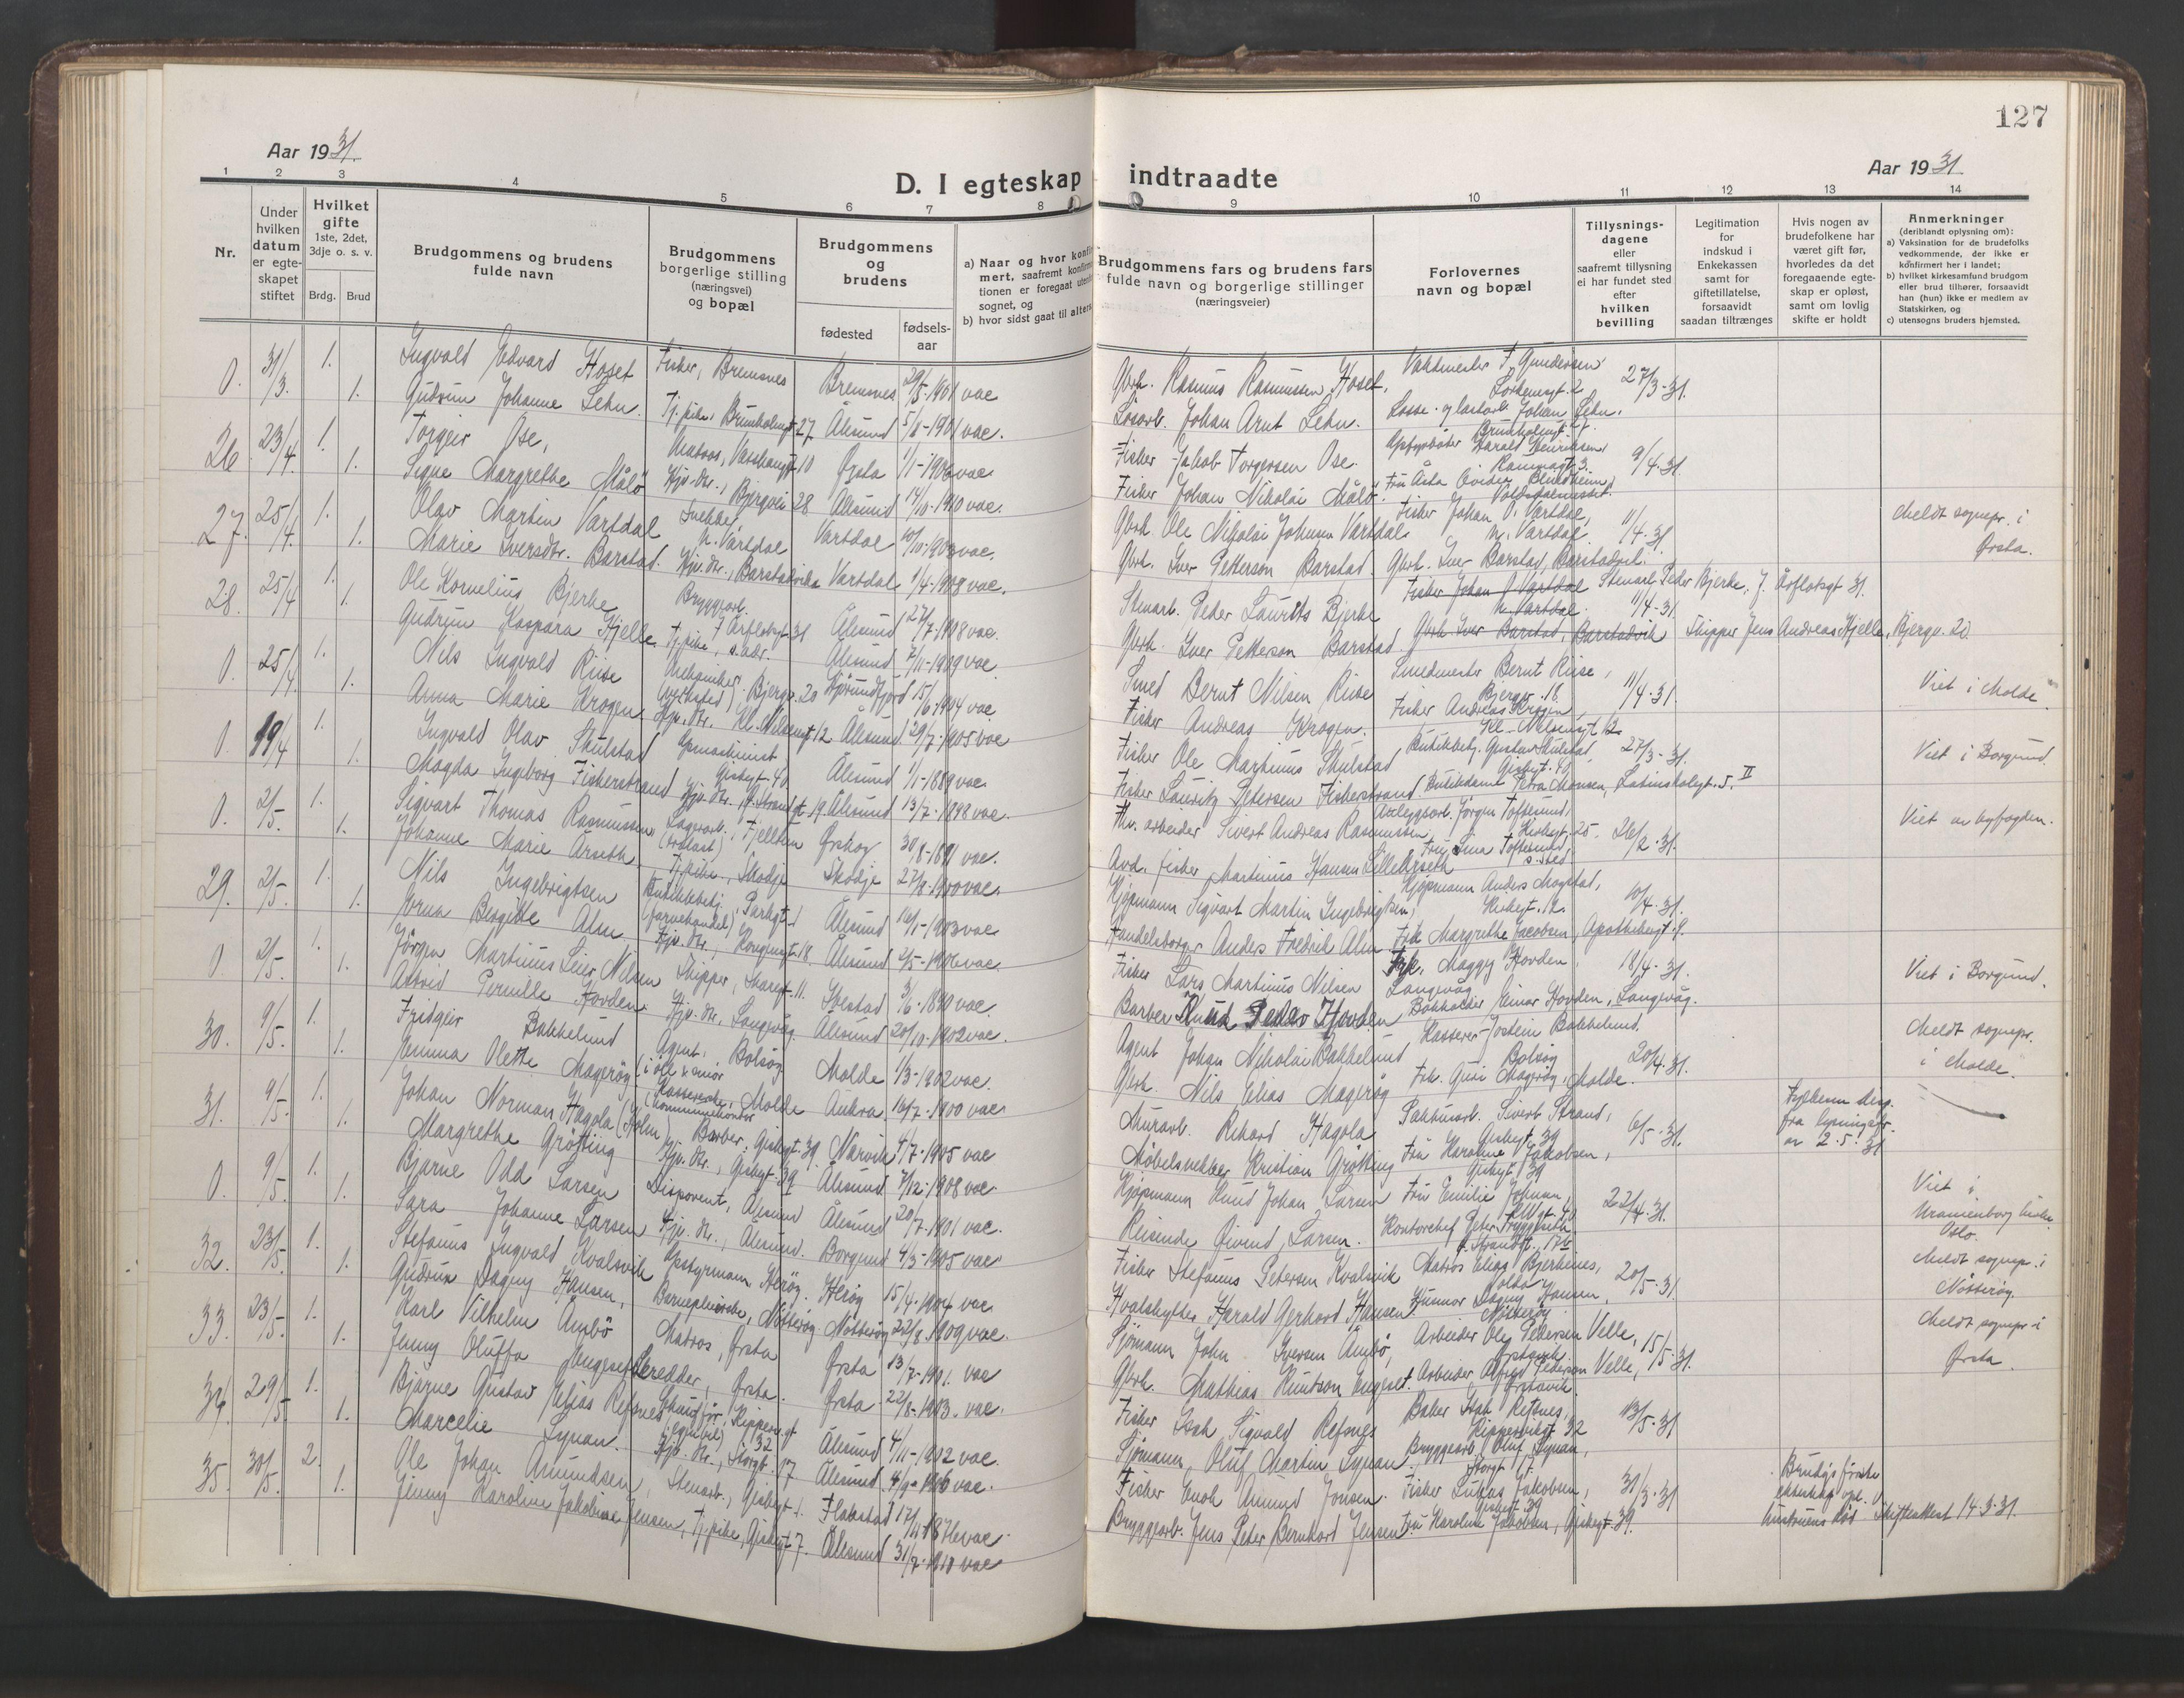 SAT, Ministerialprotokoller, klokkerbøker og fødselsregistre - Møre og Romsdal, 529/L0473: Klokkerbok nr. 529C10, 1918-1941, s. 127